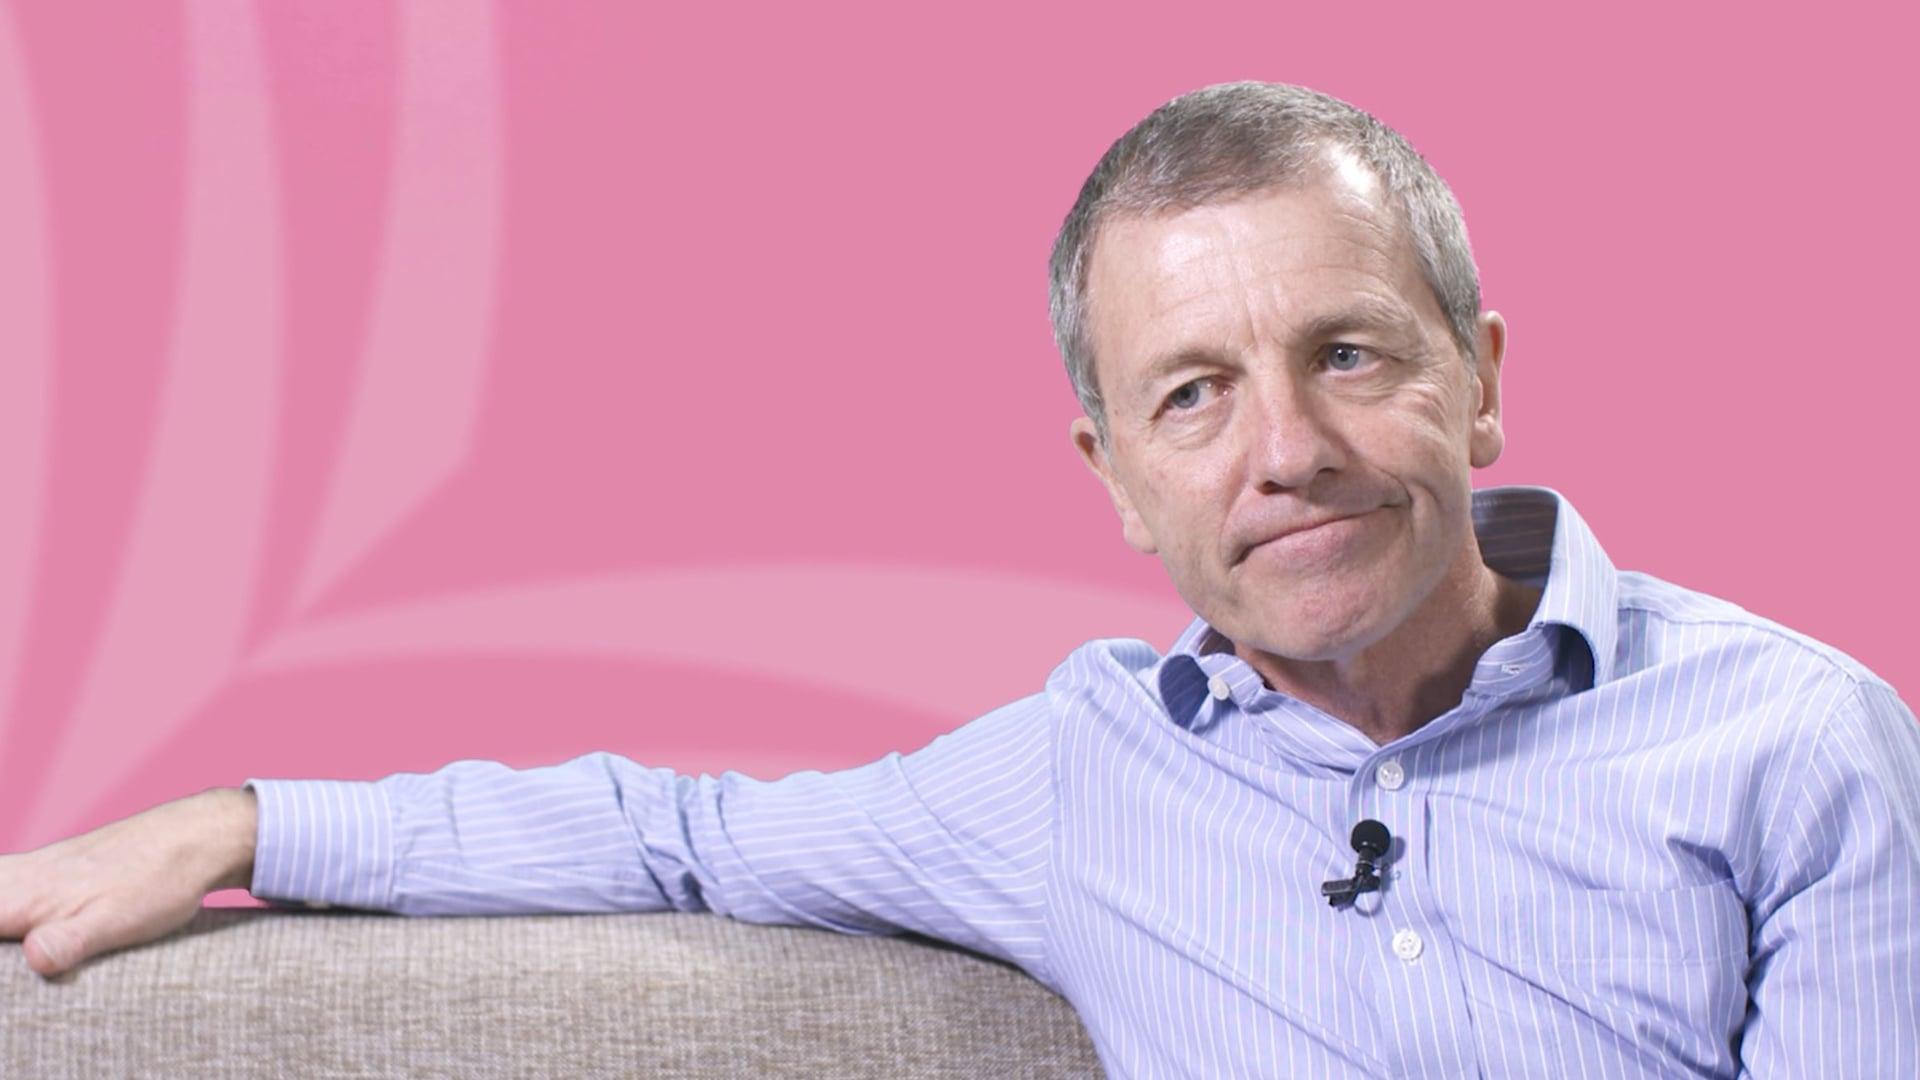 Steve Papps -Board of trustees role in finance